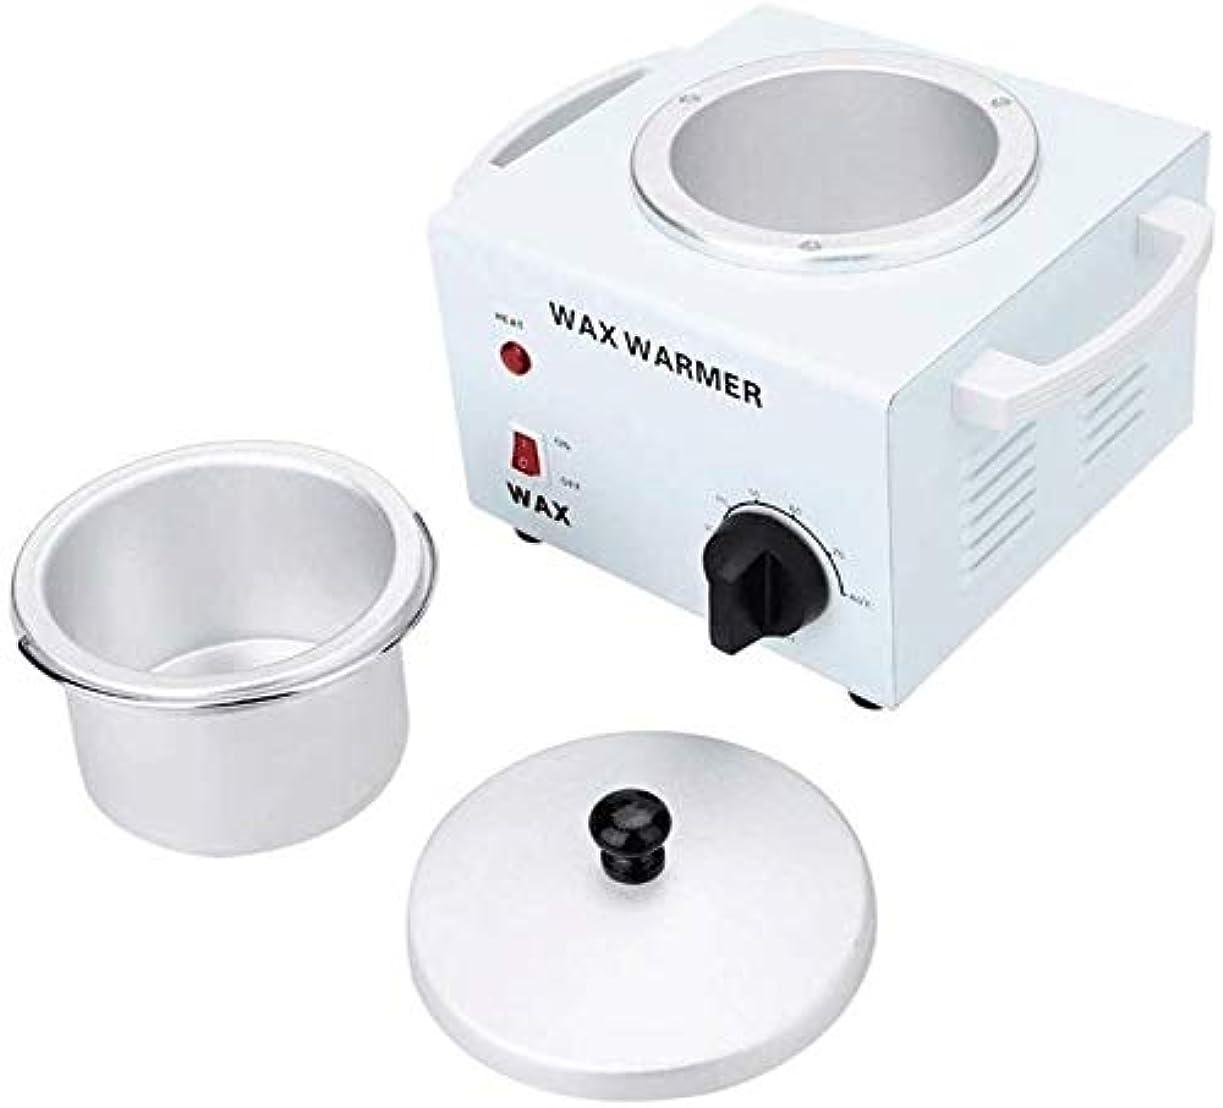 パス蒸付属品ワックスヒーターWaxnessシングルメタリック多機能温度制御ワックスヒーター、容量は600ccのです